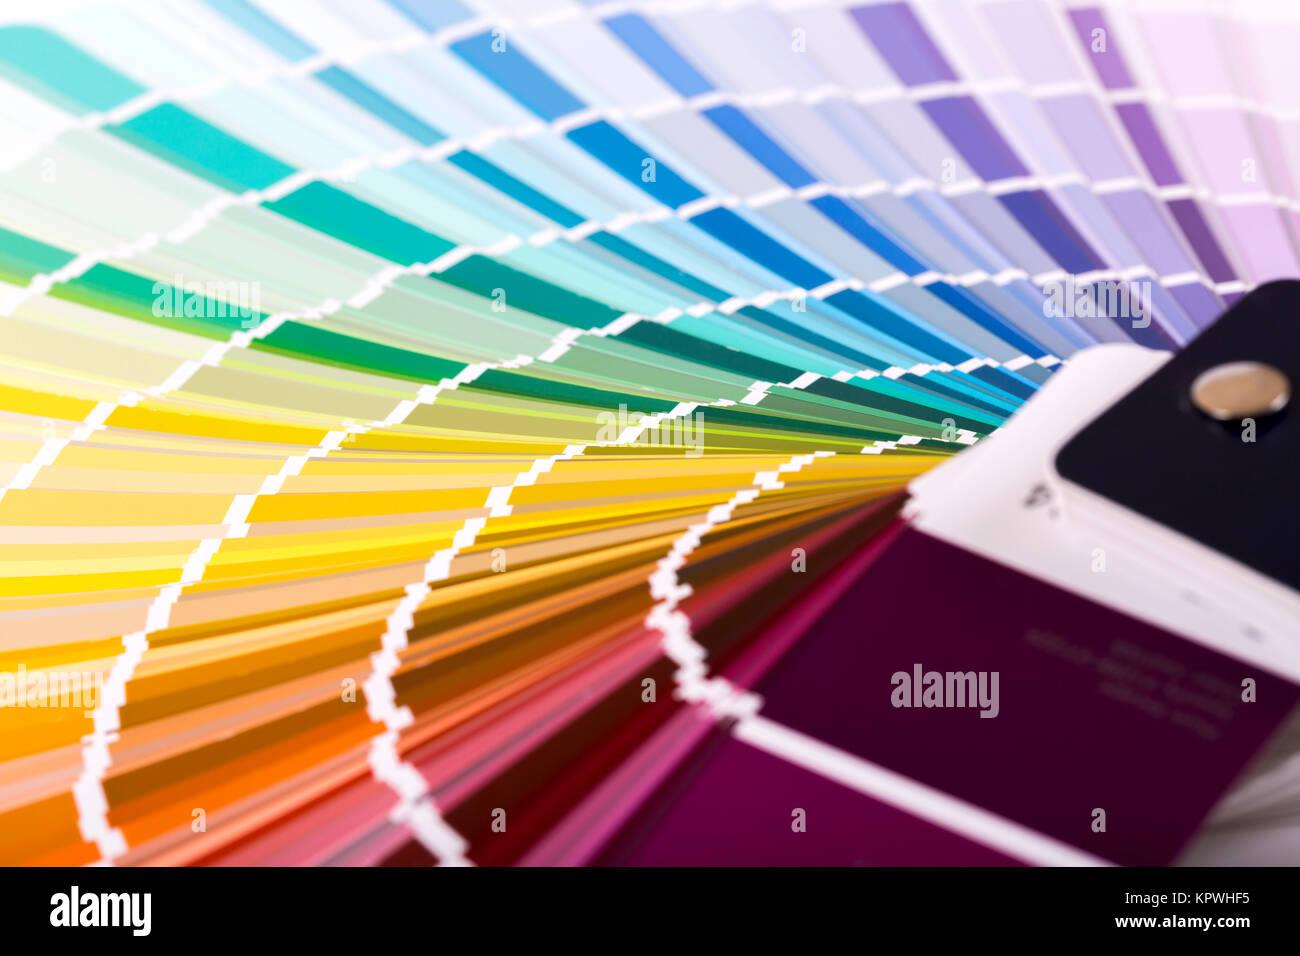 Primo piano della vernice colore campione catalogo Immagini Stock